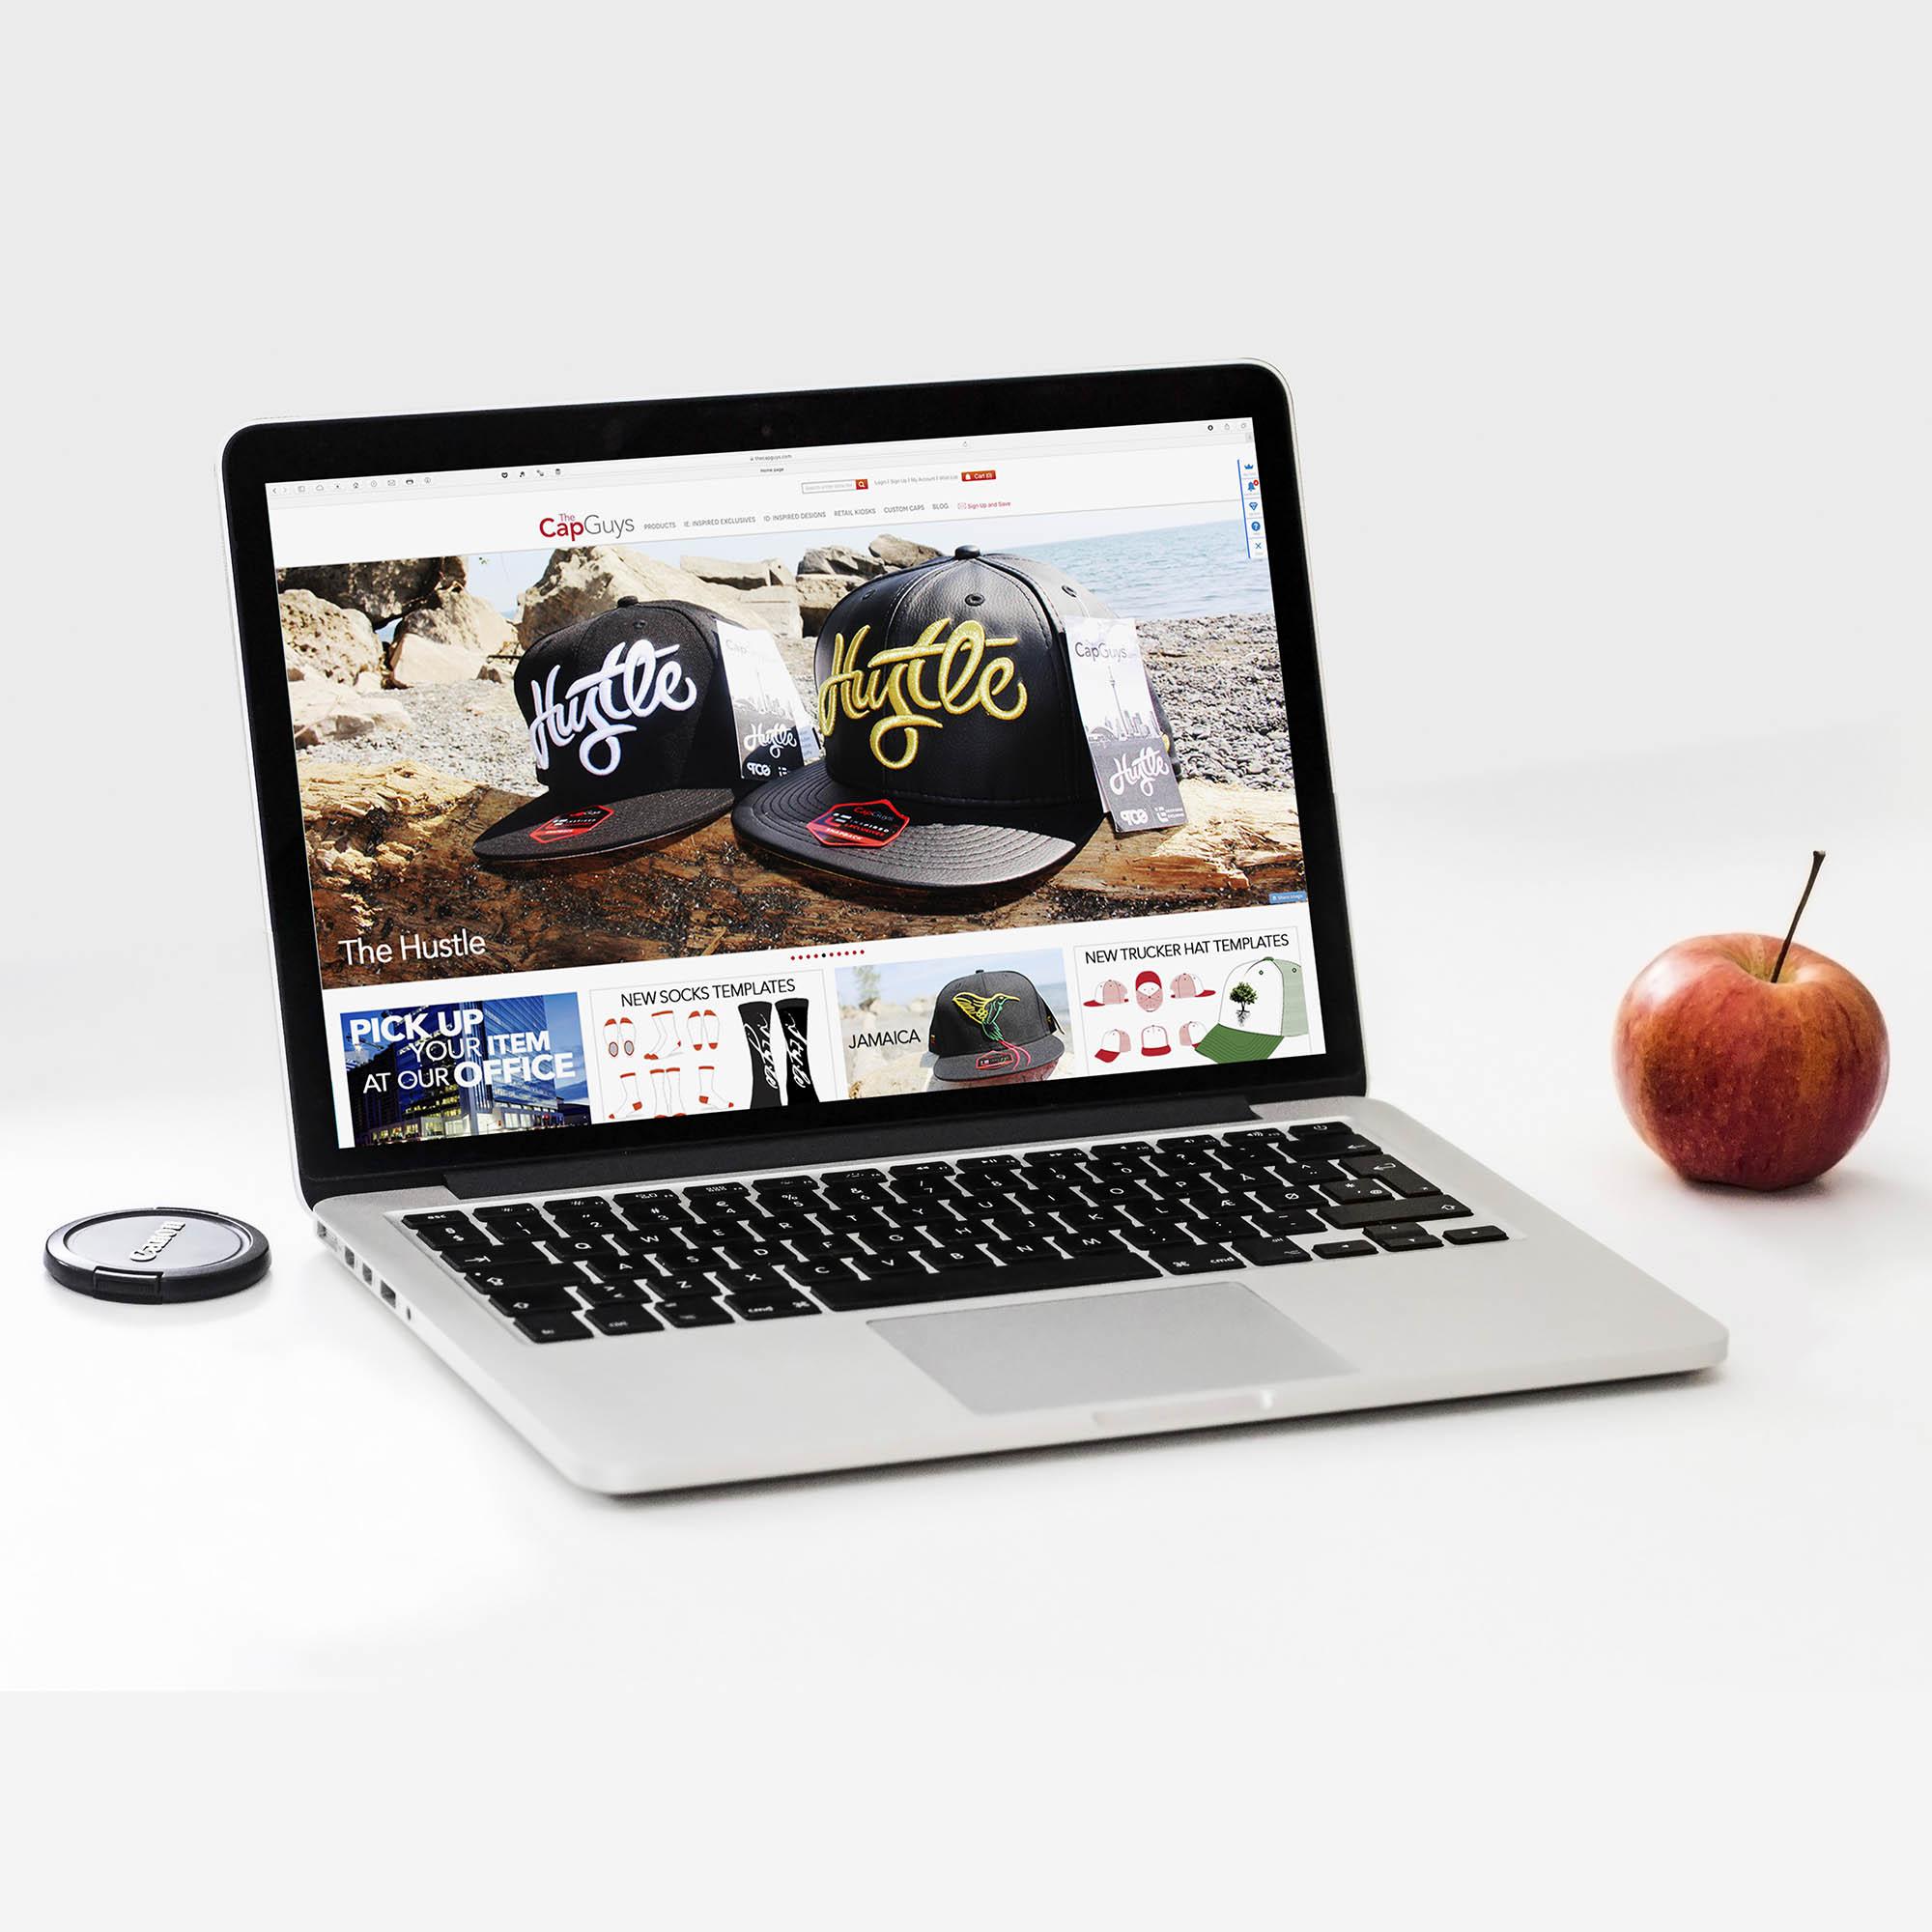 The Cap Guys - Websites